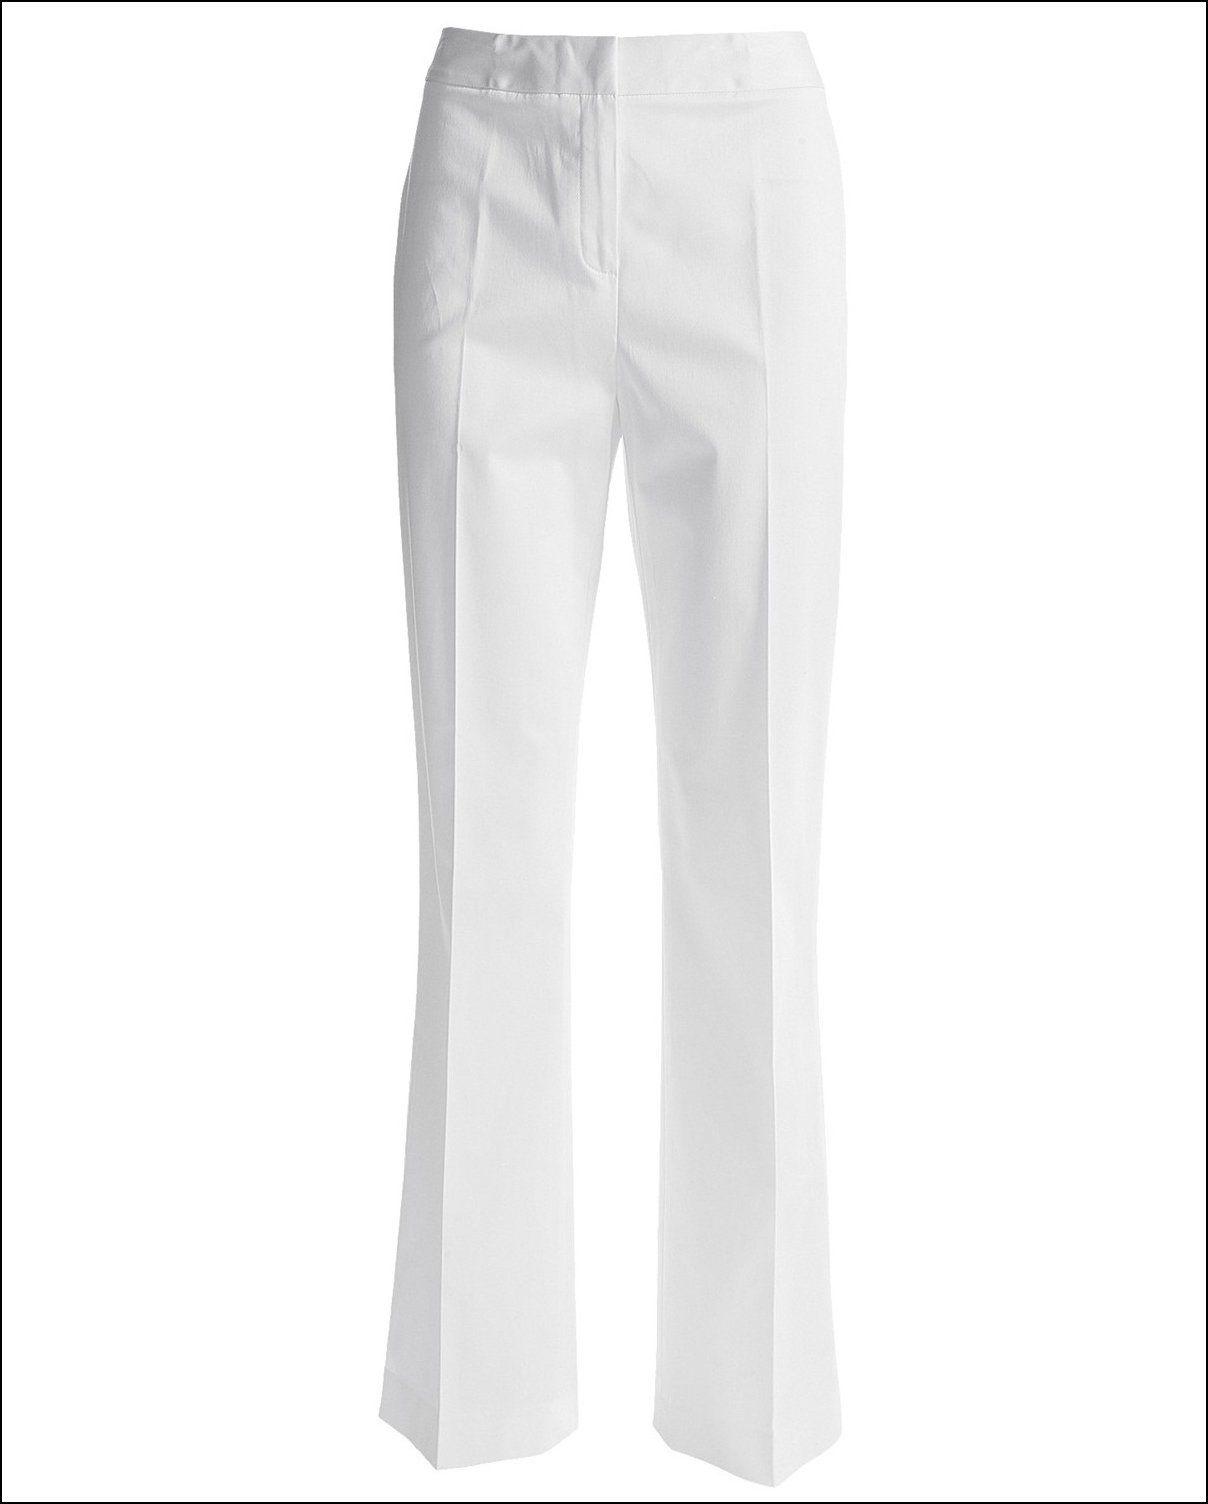 Womens White Dress Pants aQzbk5CR  White dress pants, Womens